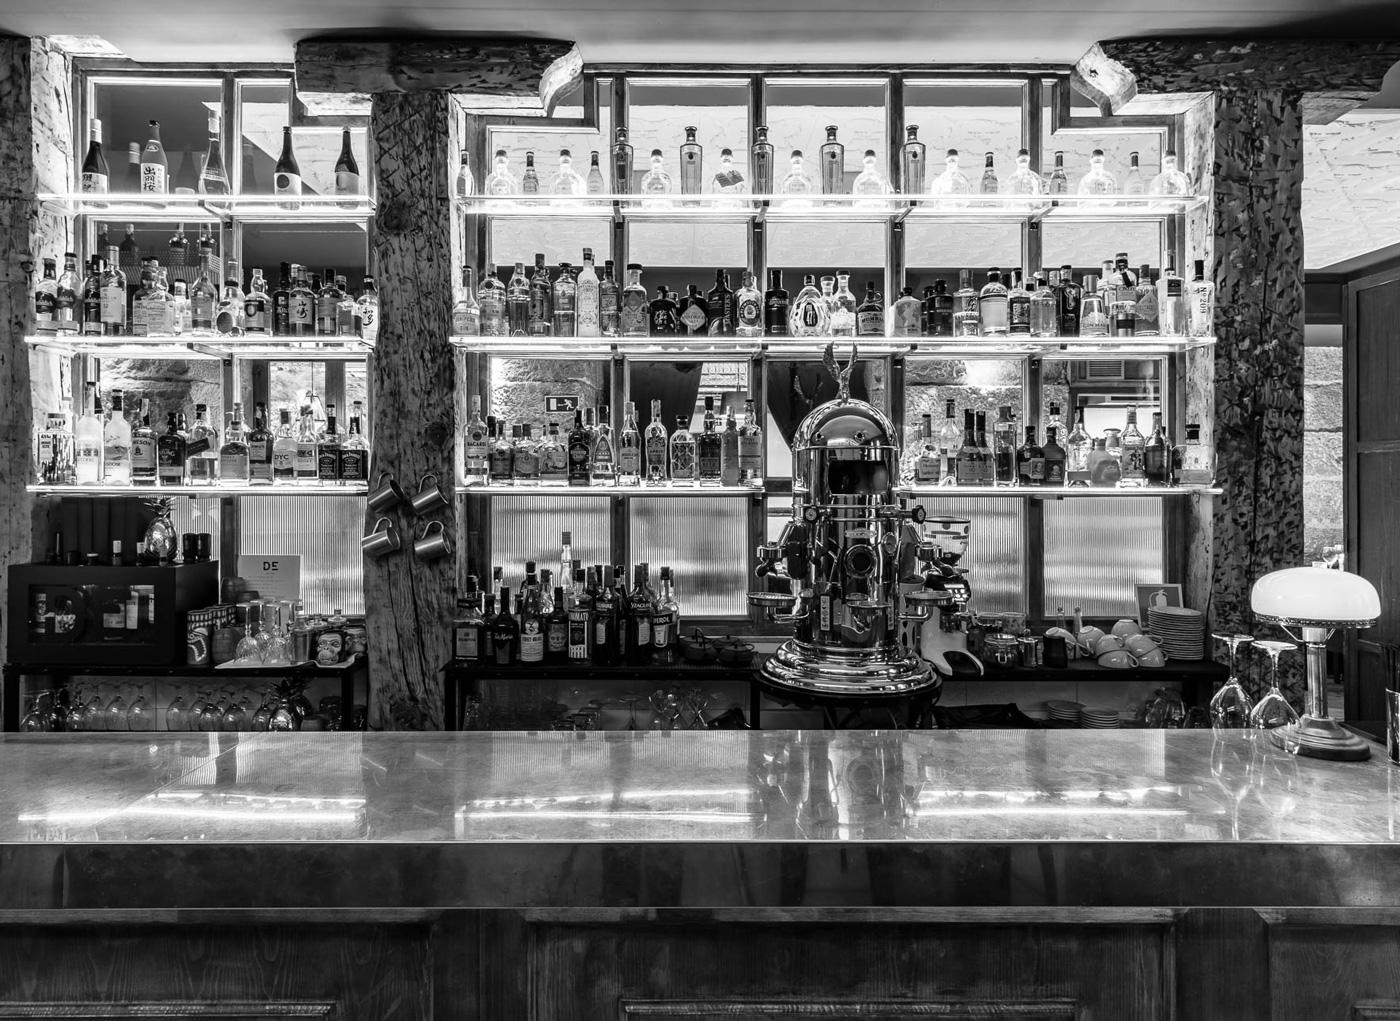 Vista de la barra de un bar con bebidas y botellas al fondo.